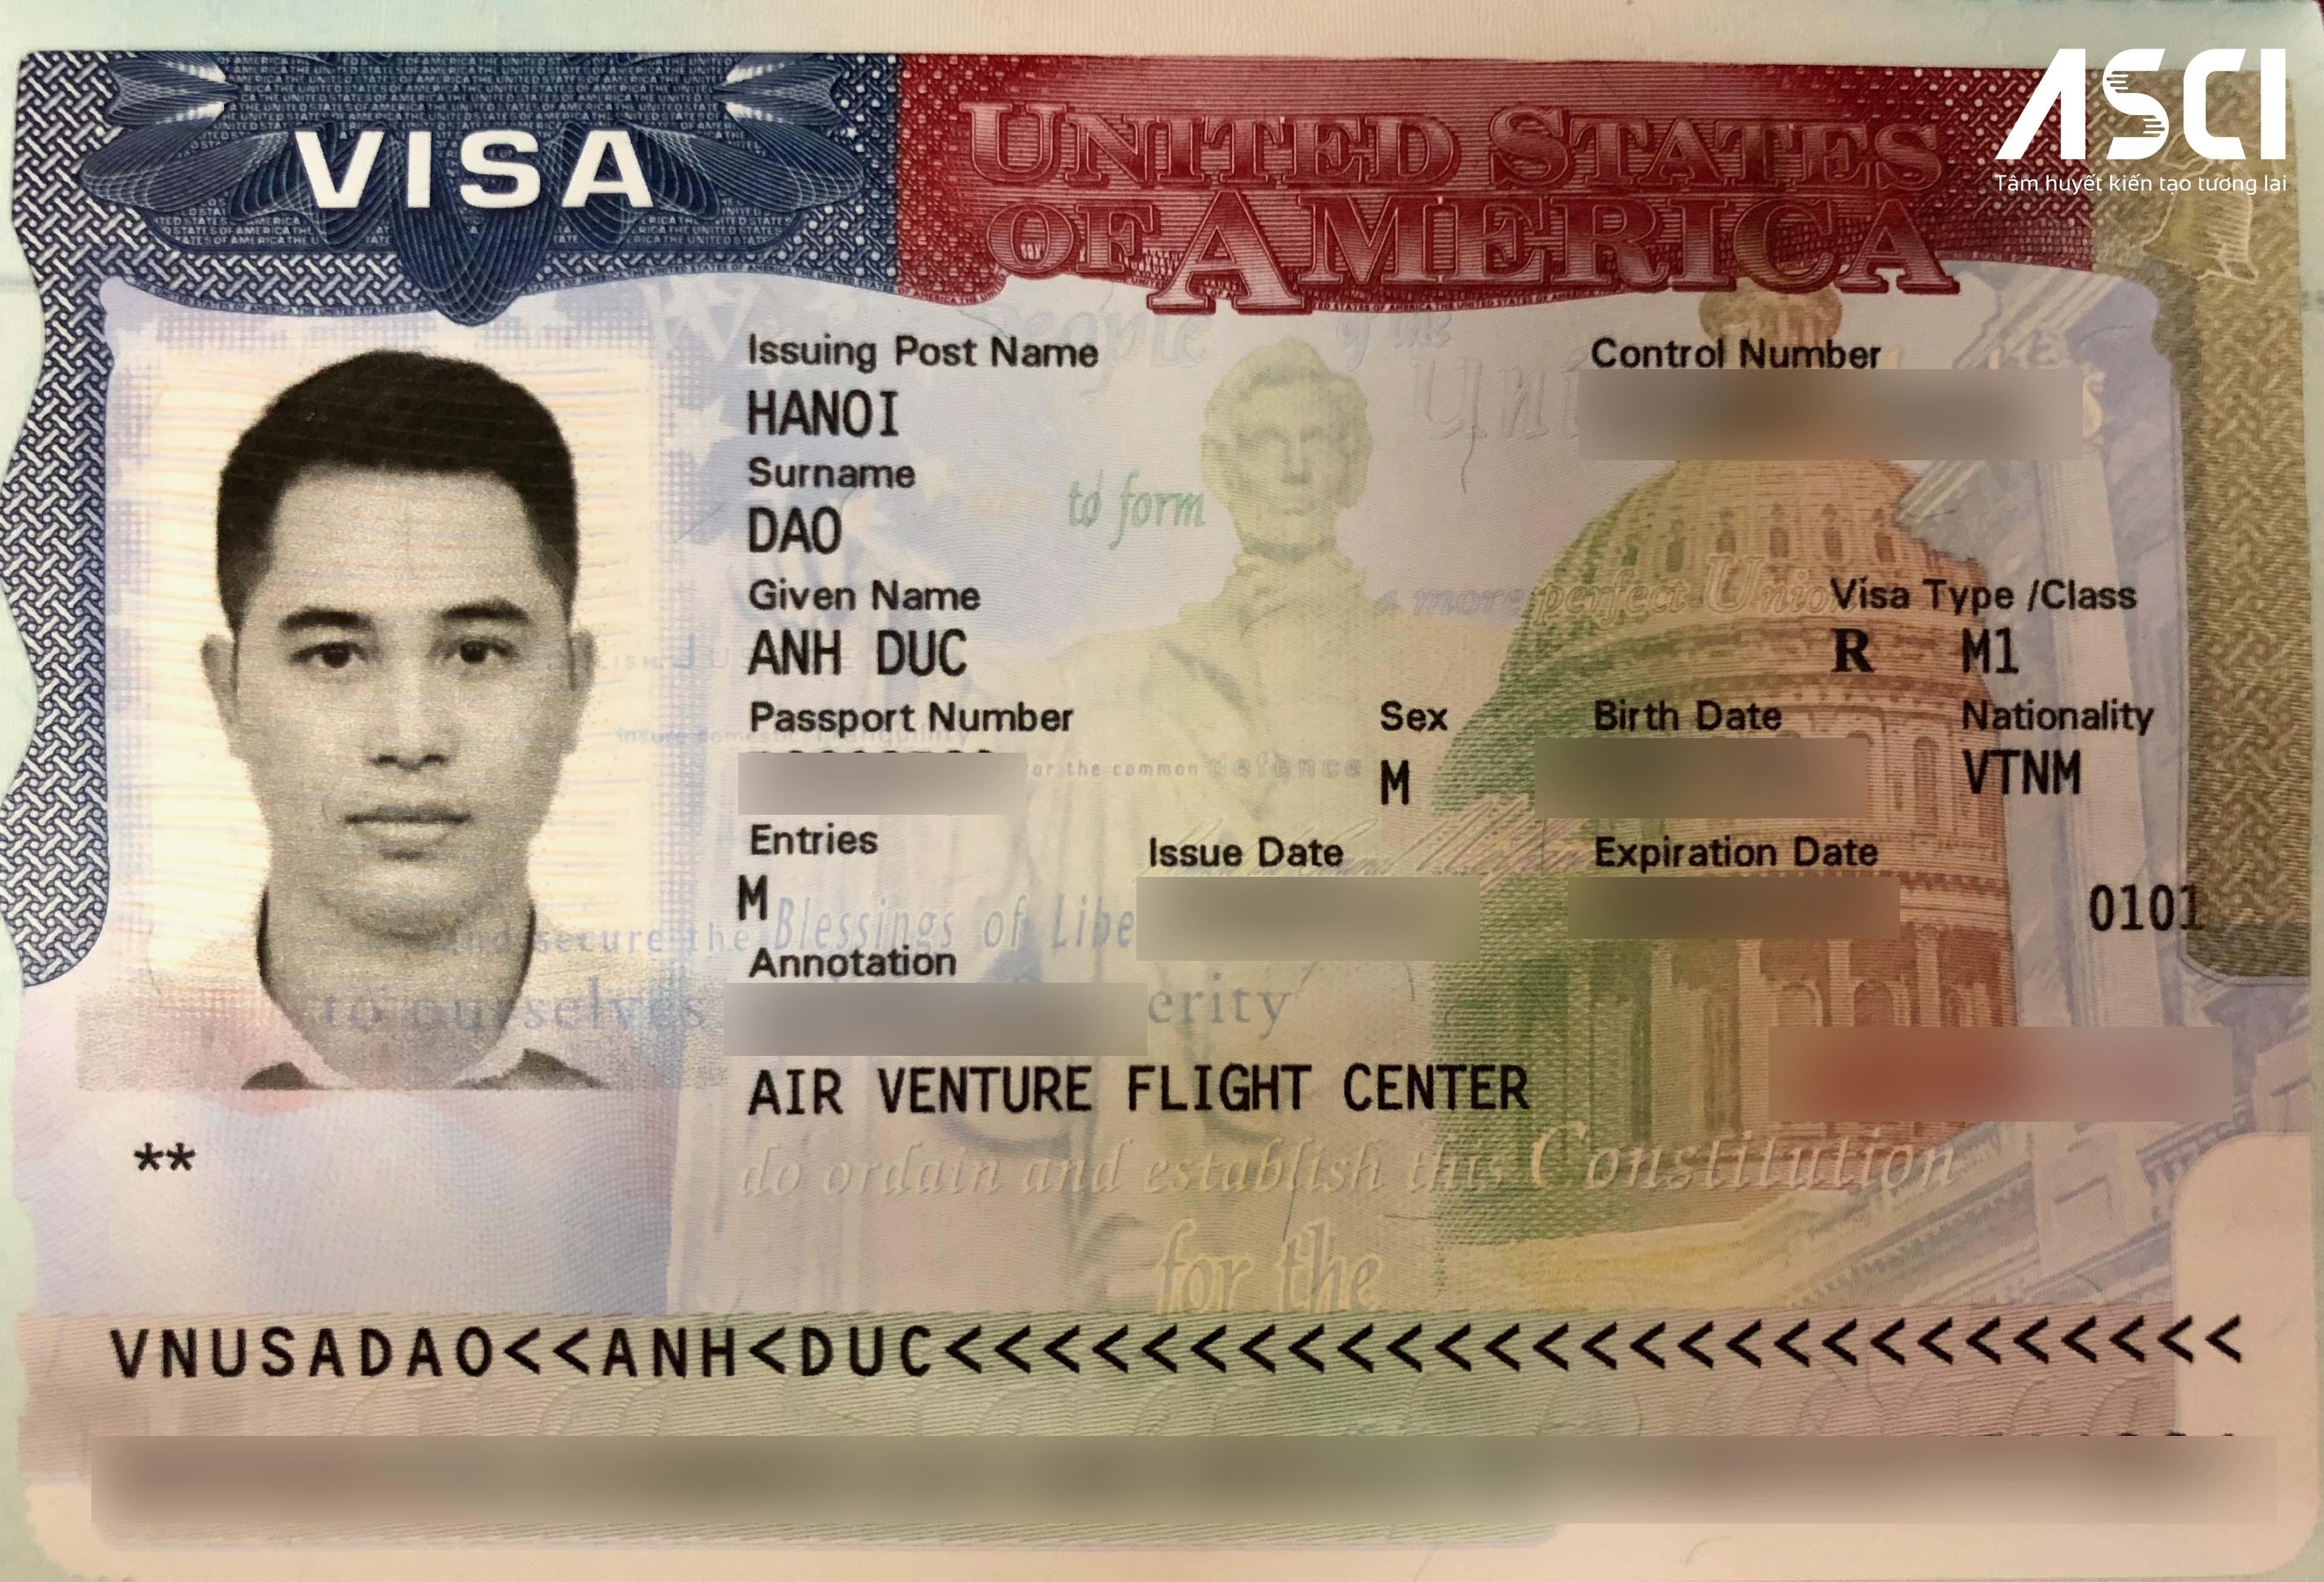 visa-du-hoc-my-air-venture-flight-centre